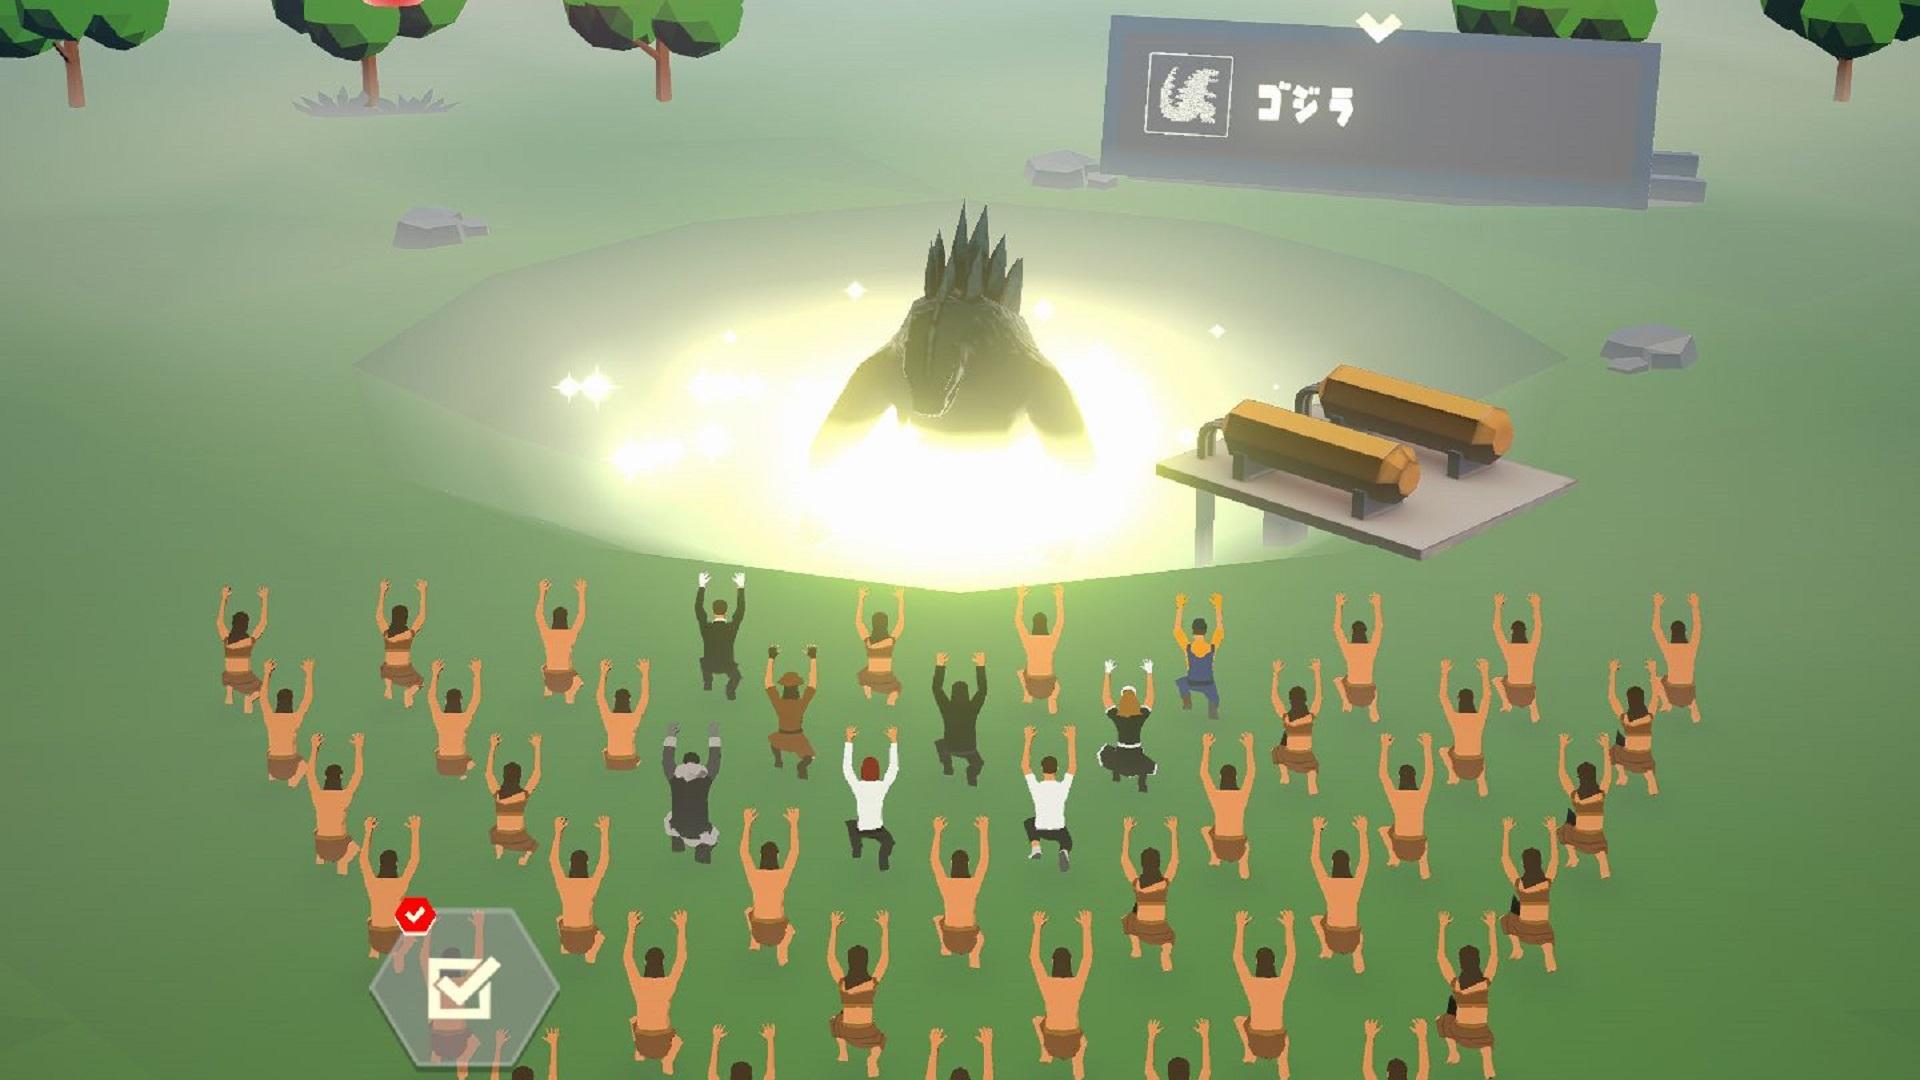 Run Godzilla - Siêu quái thú của TOHO chính thức ra mắt game thủ mobile 1